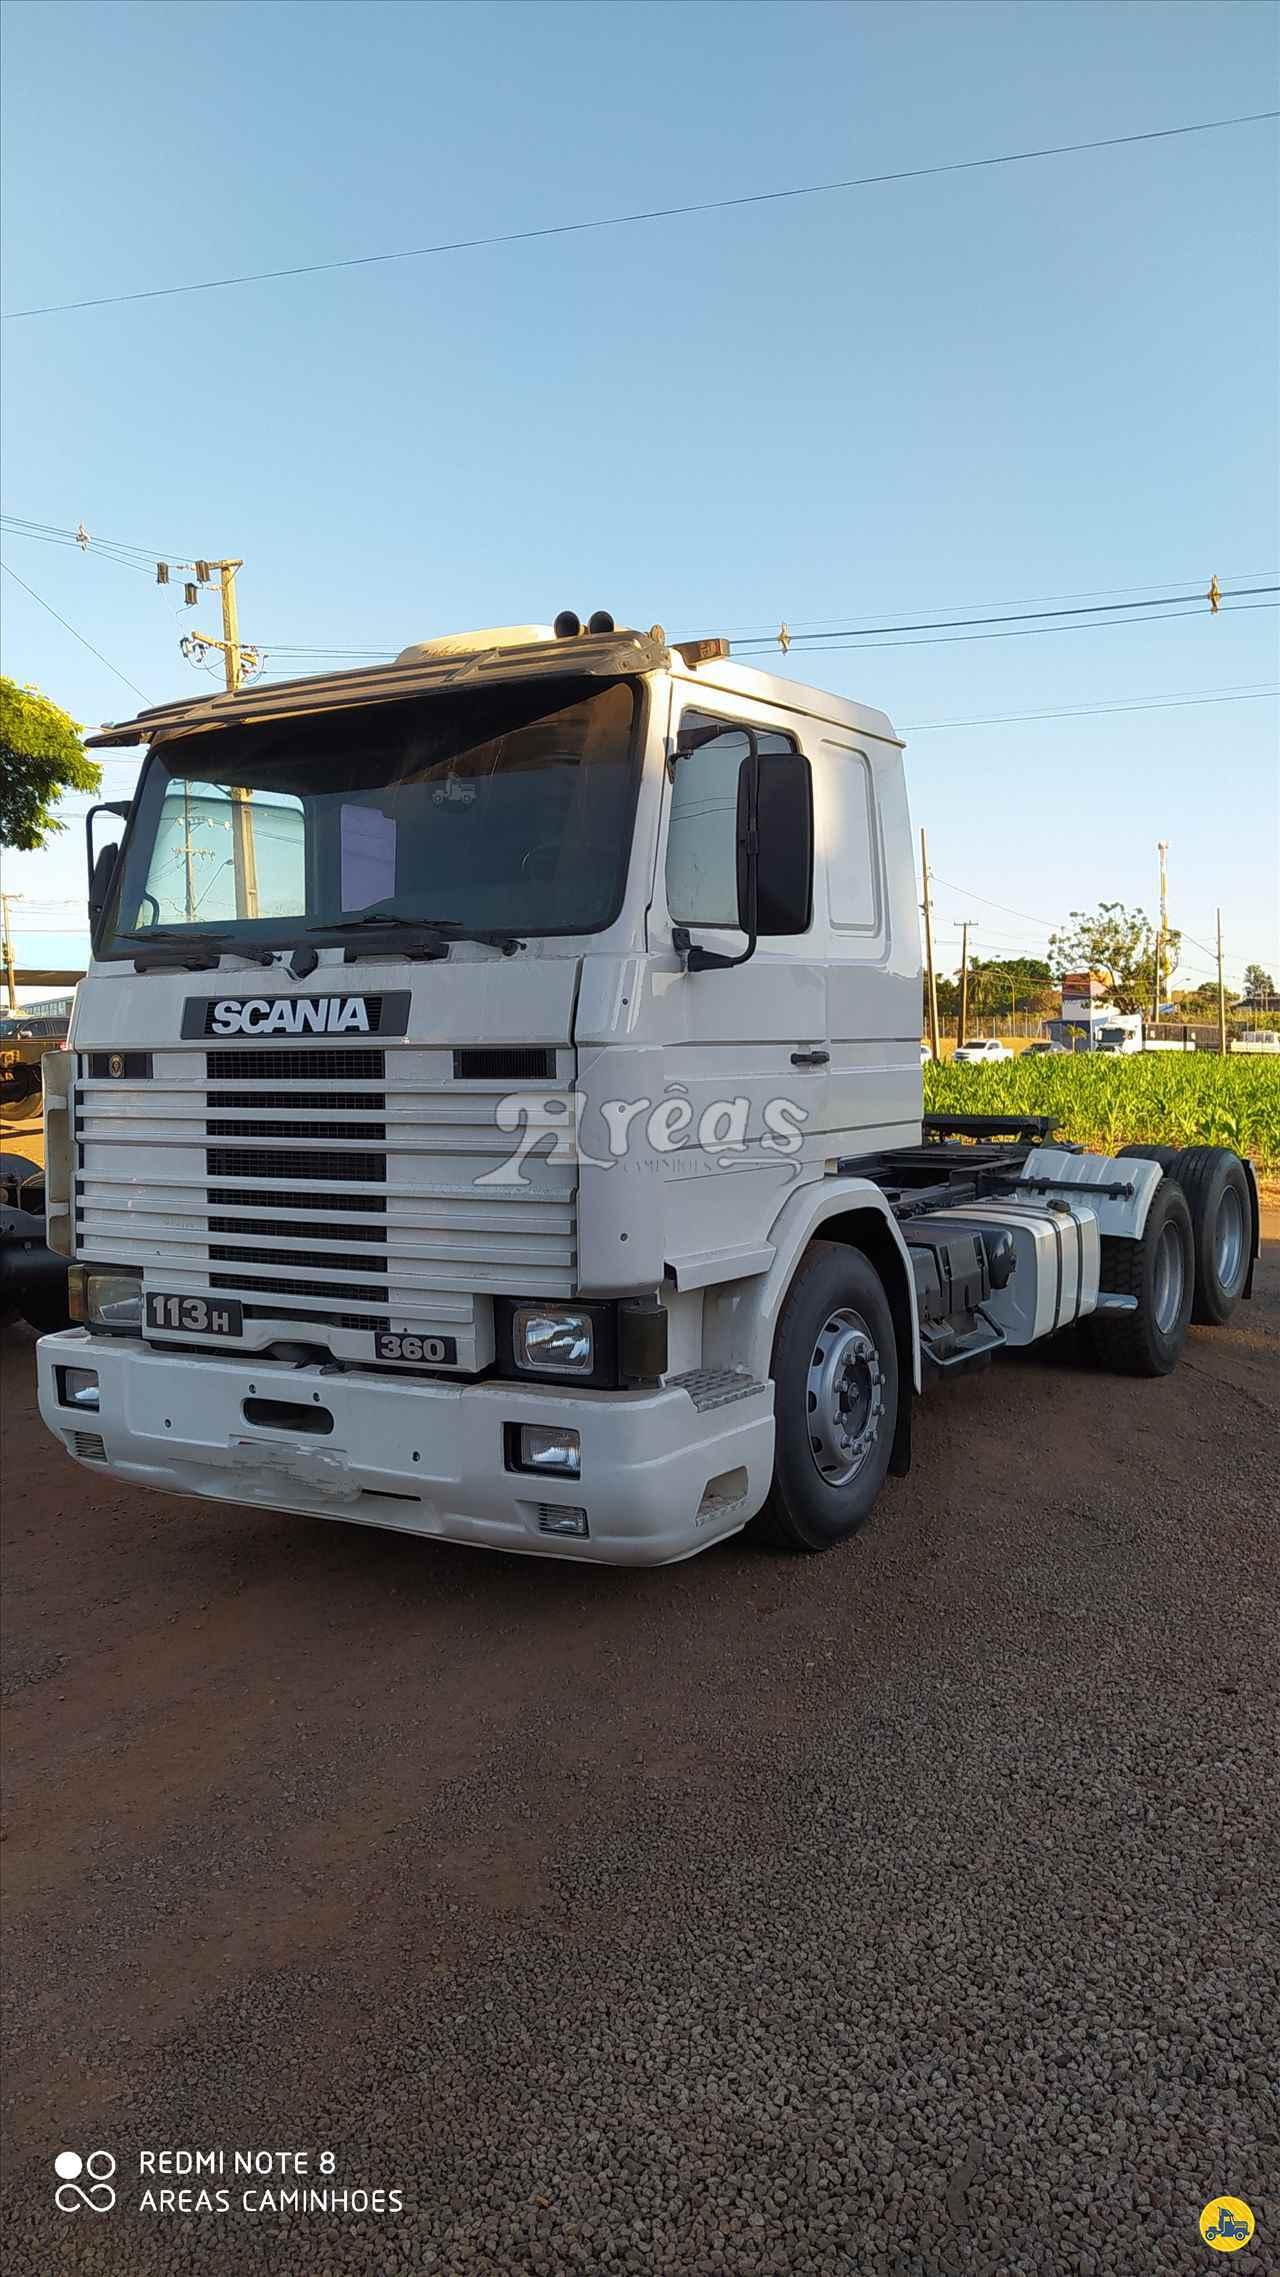 CAMINHAO SCANIA SCANIA 113 360 Cavalo Mecânico Truck 6x2 Arêas Caminhões MARINGA PARANÁ PR